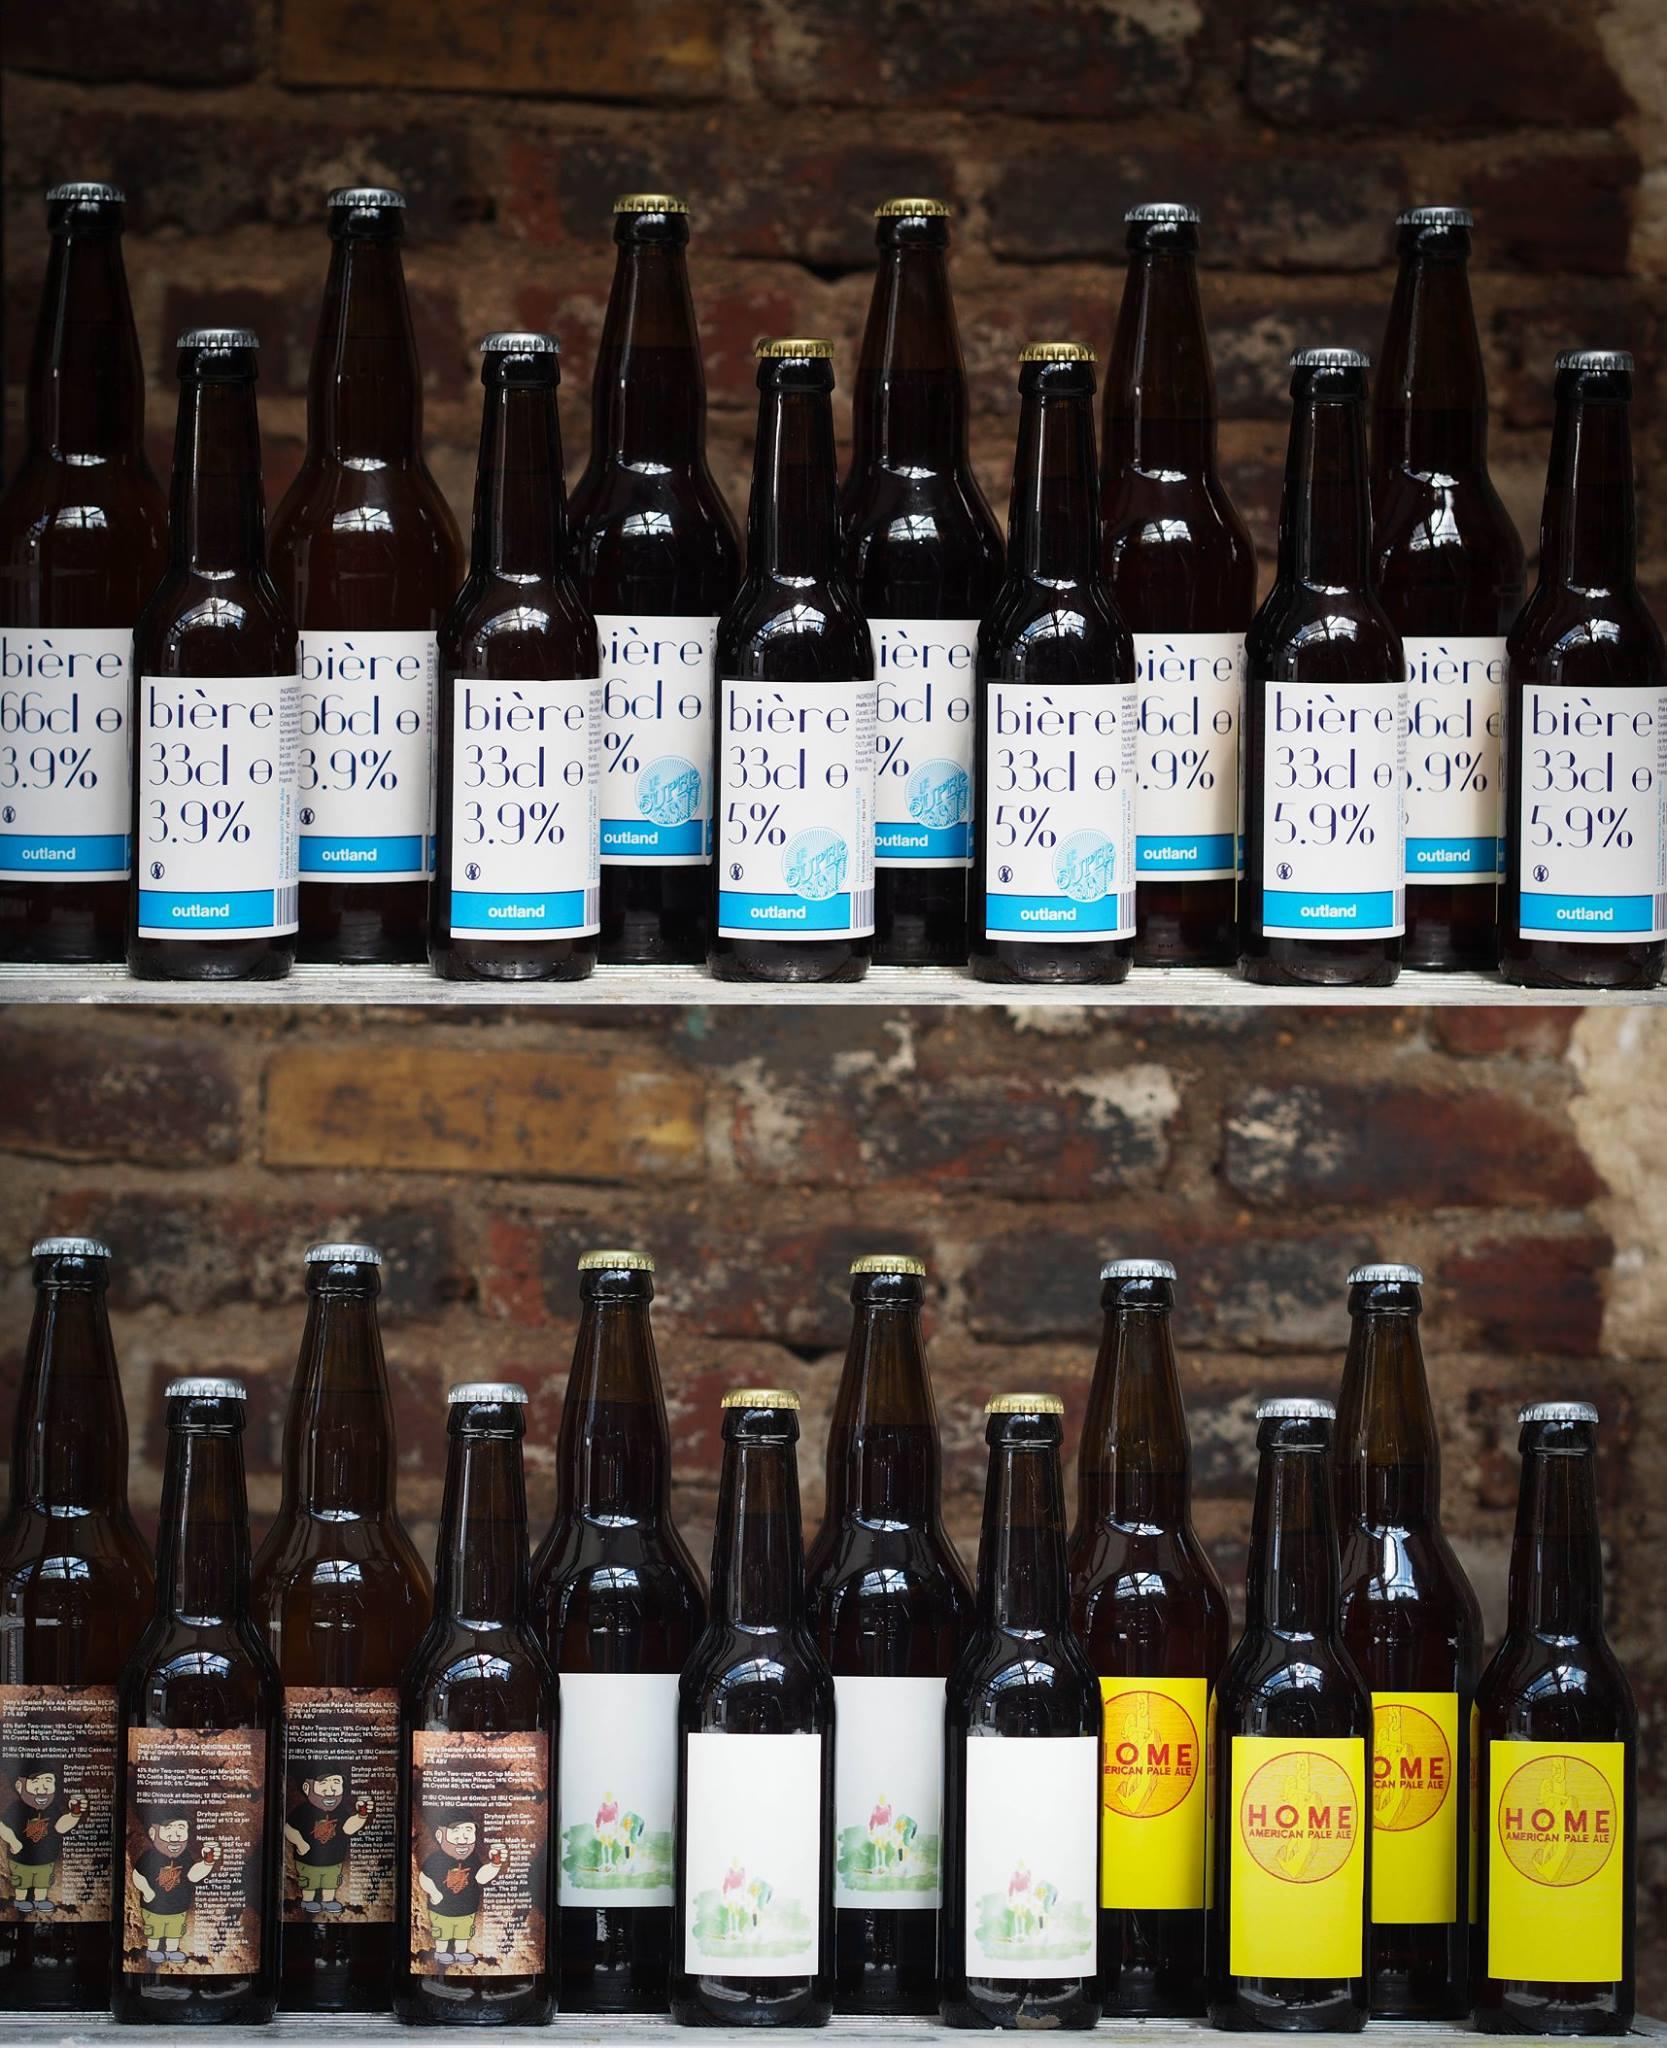 Bières artisanales Outland